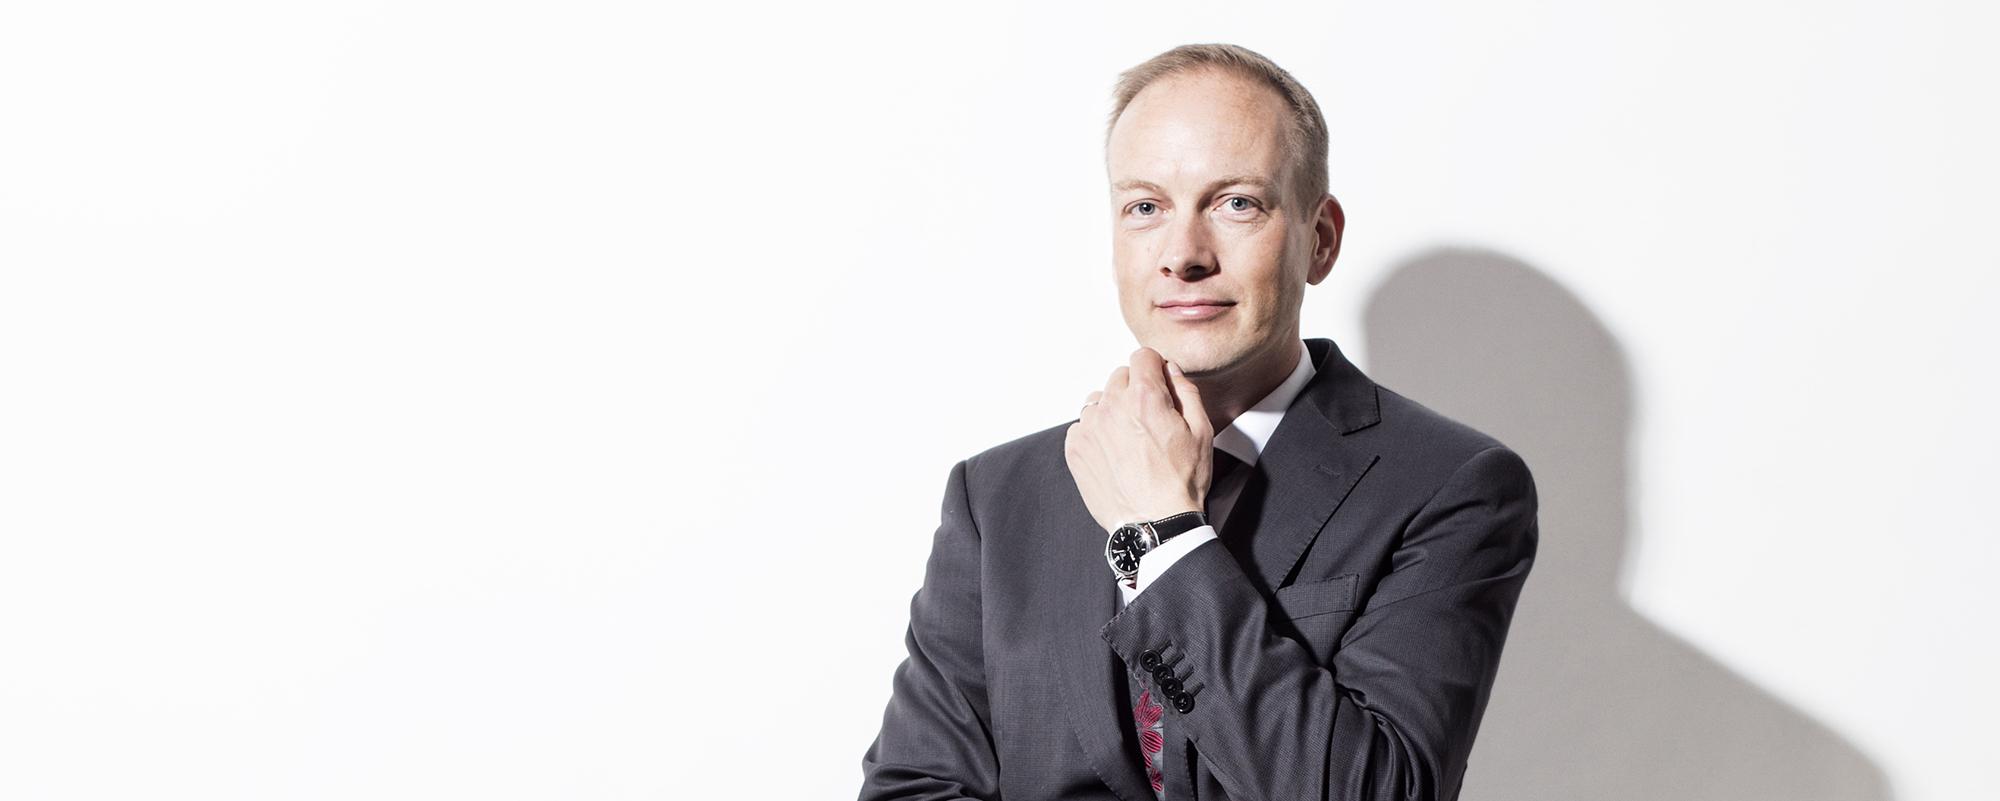 Ilari Kallio Vice President, Technology  Engines, Wärtsilä Marine Solutions Editor-in-Chief of In Detail